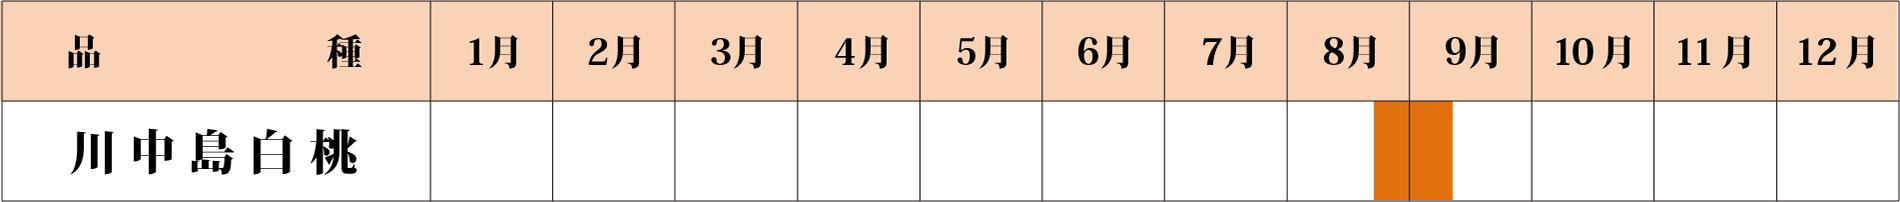 川中島泊桃カレンダー